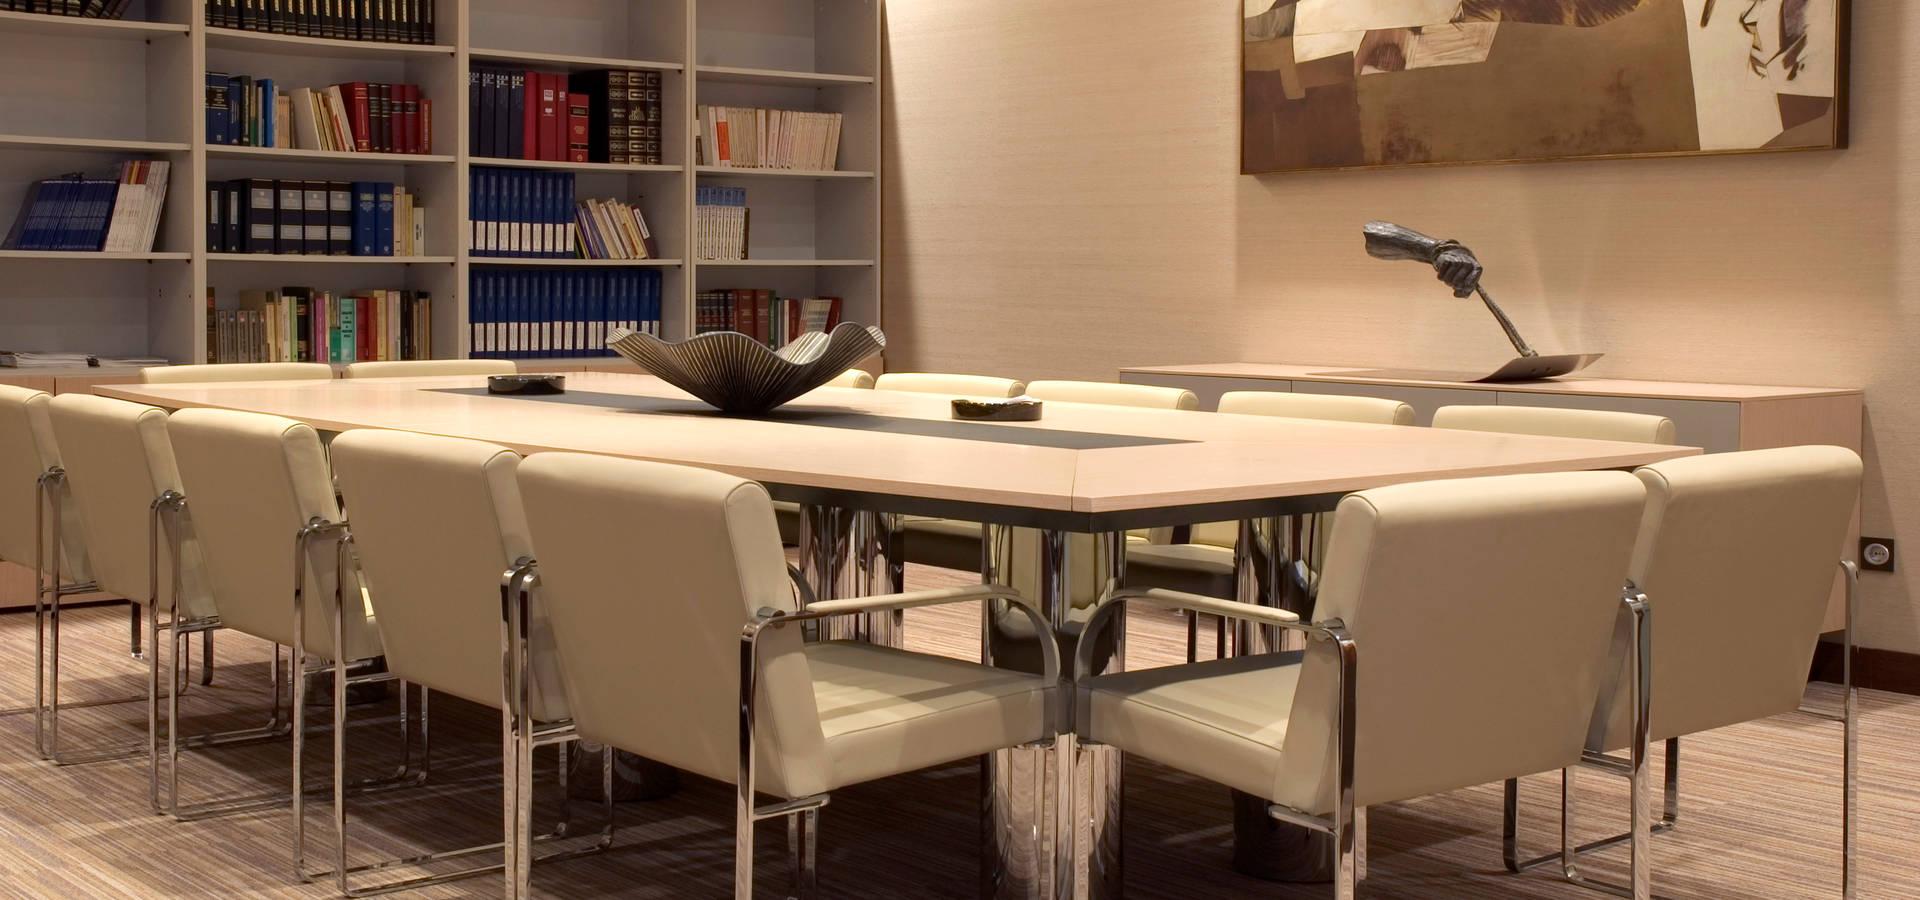 Dimensi on decoradores y dise adores de interiores en - Decoradores de interiores madrid ...